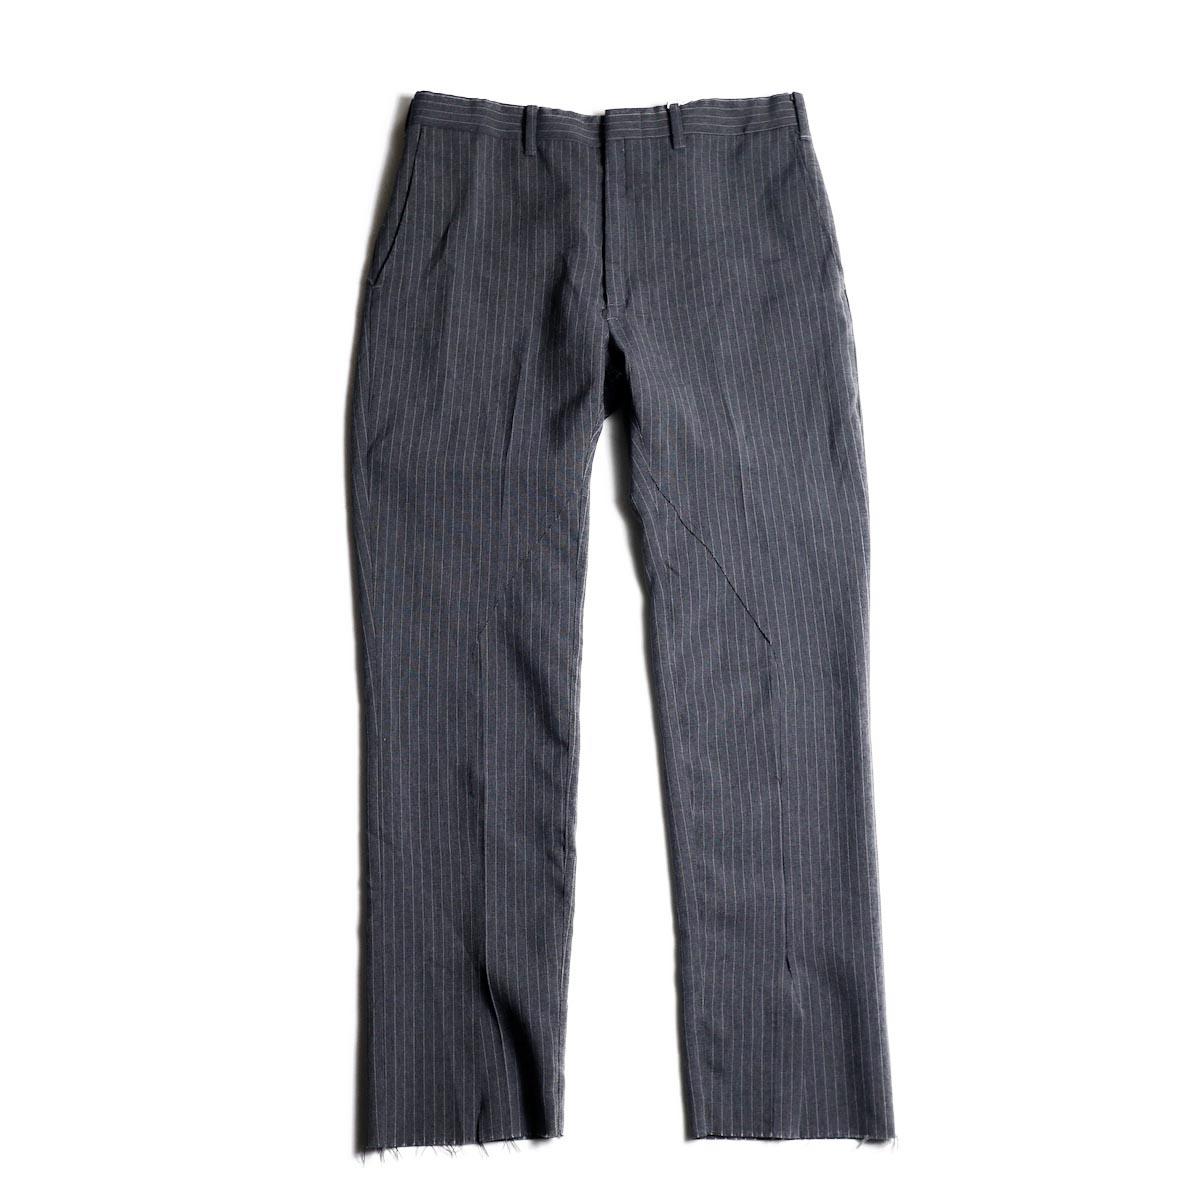 OLD PARK / SLIT PANTS SLACKS (Ssize-B)